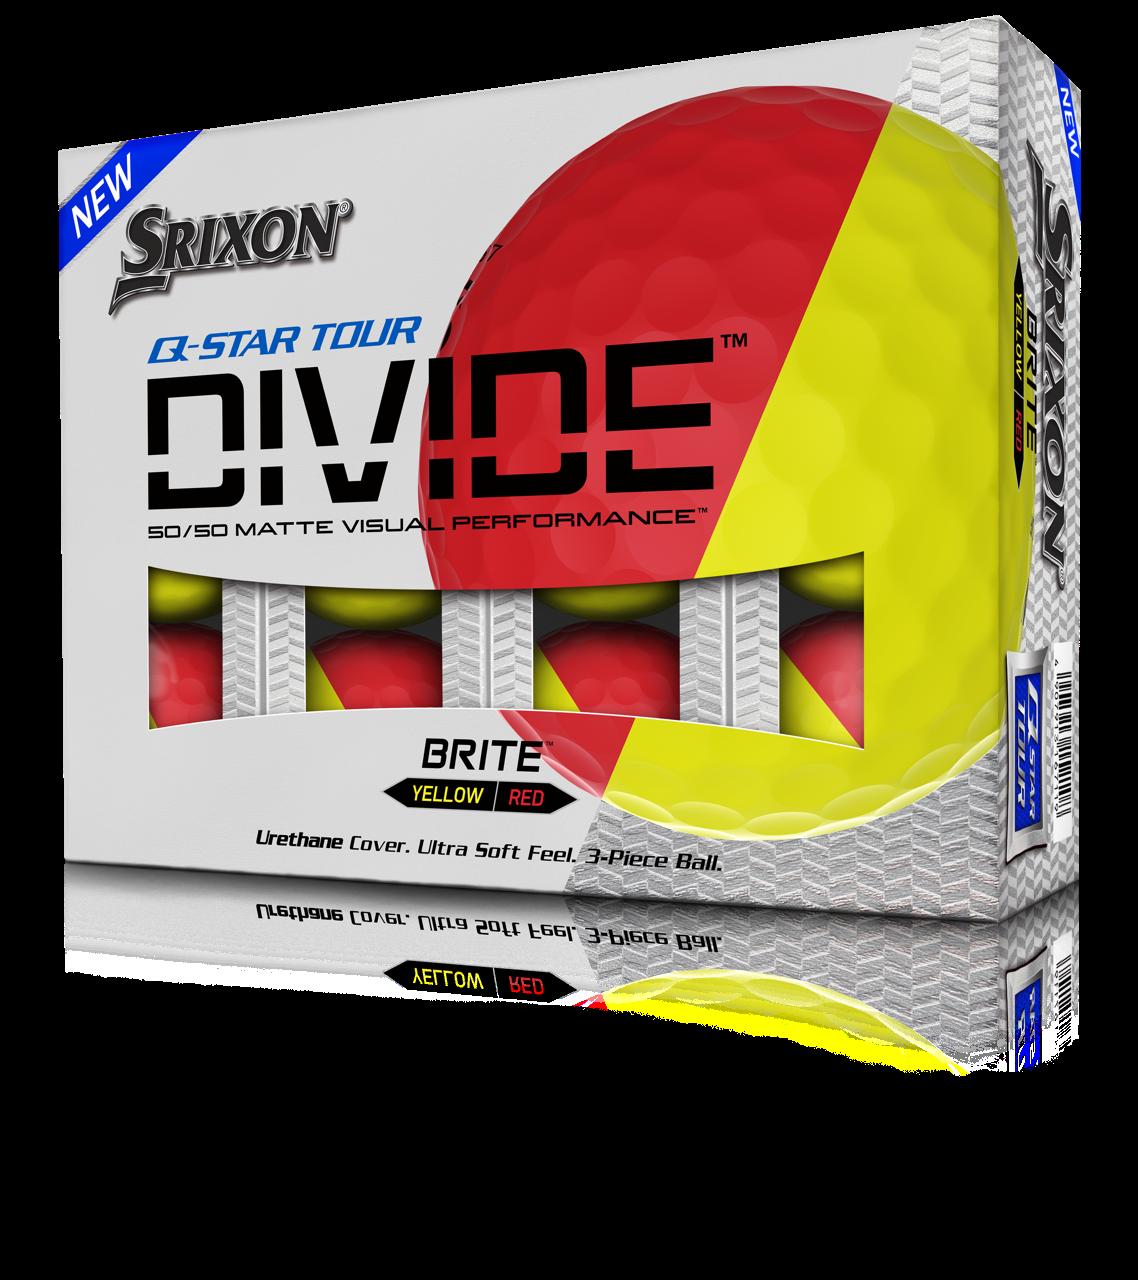 Srixon Q-STAR TOUR DIVIDE boxed dozen